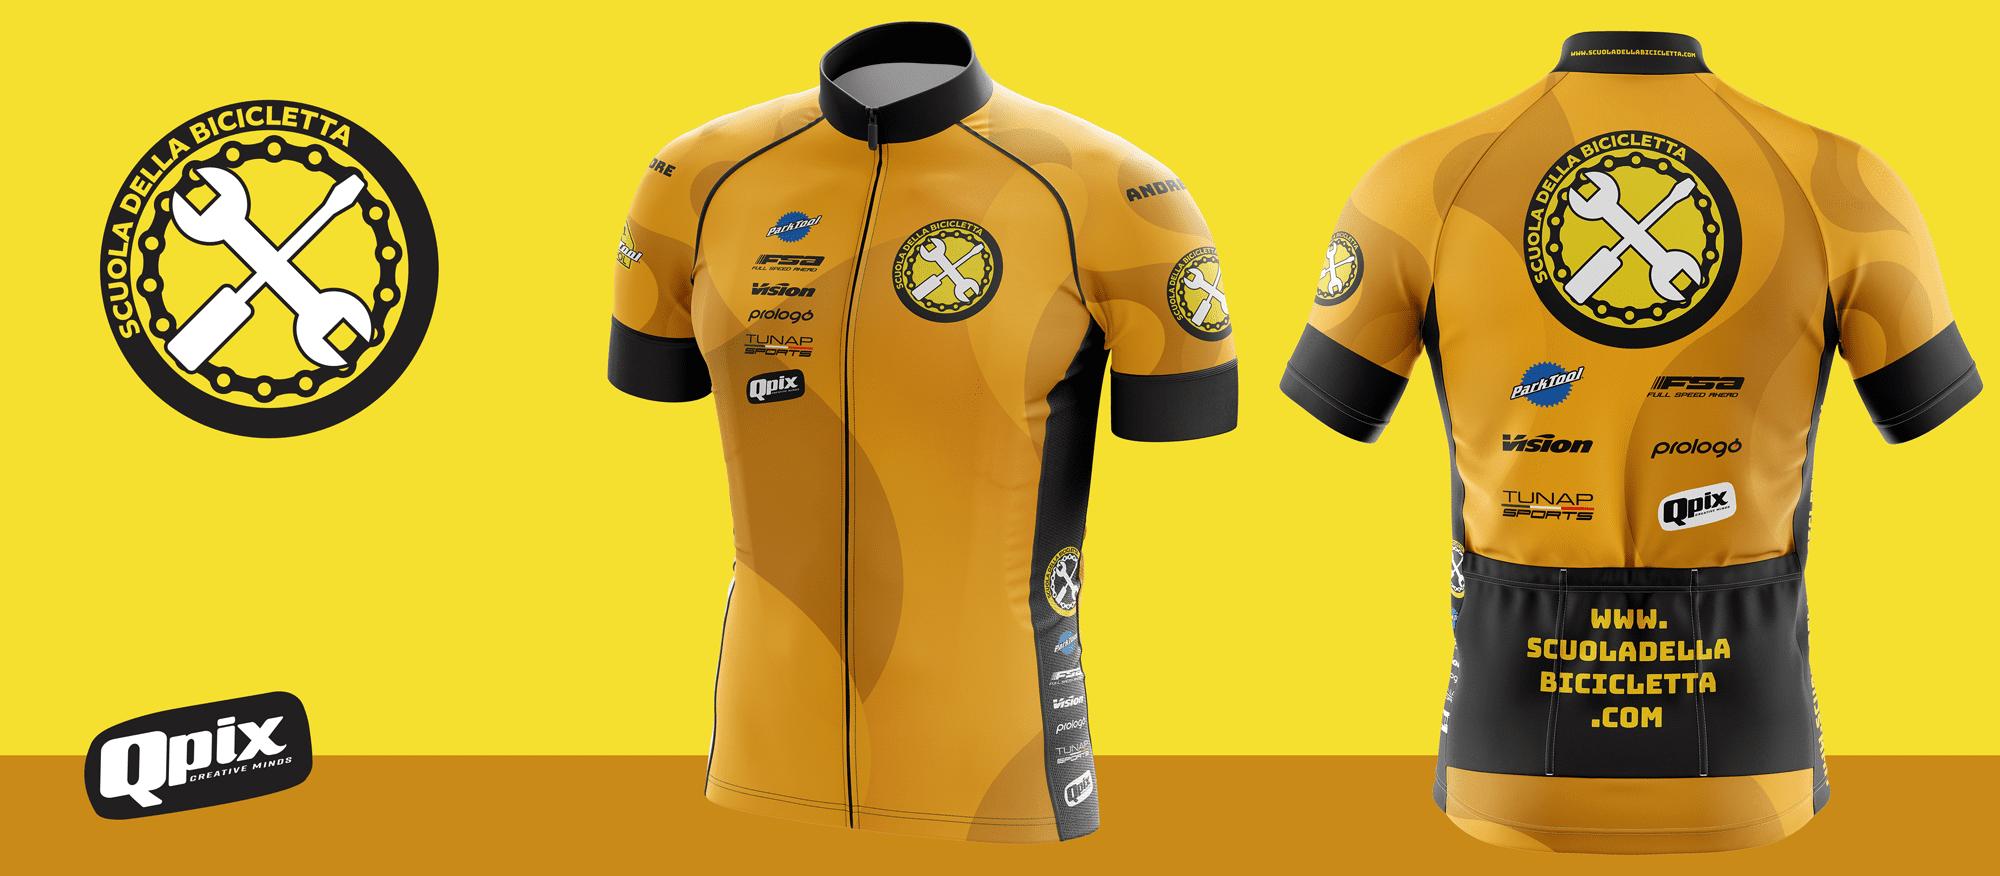 Criação de logotipo e jersey para Scuola Della Bicicletta - Milão Itália